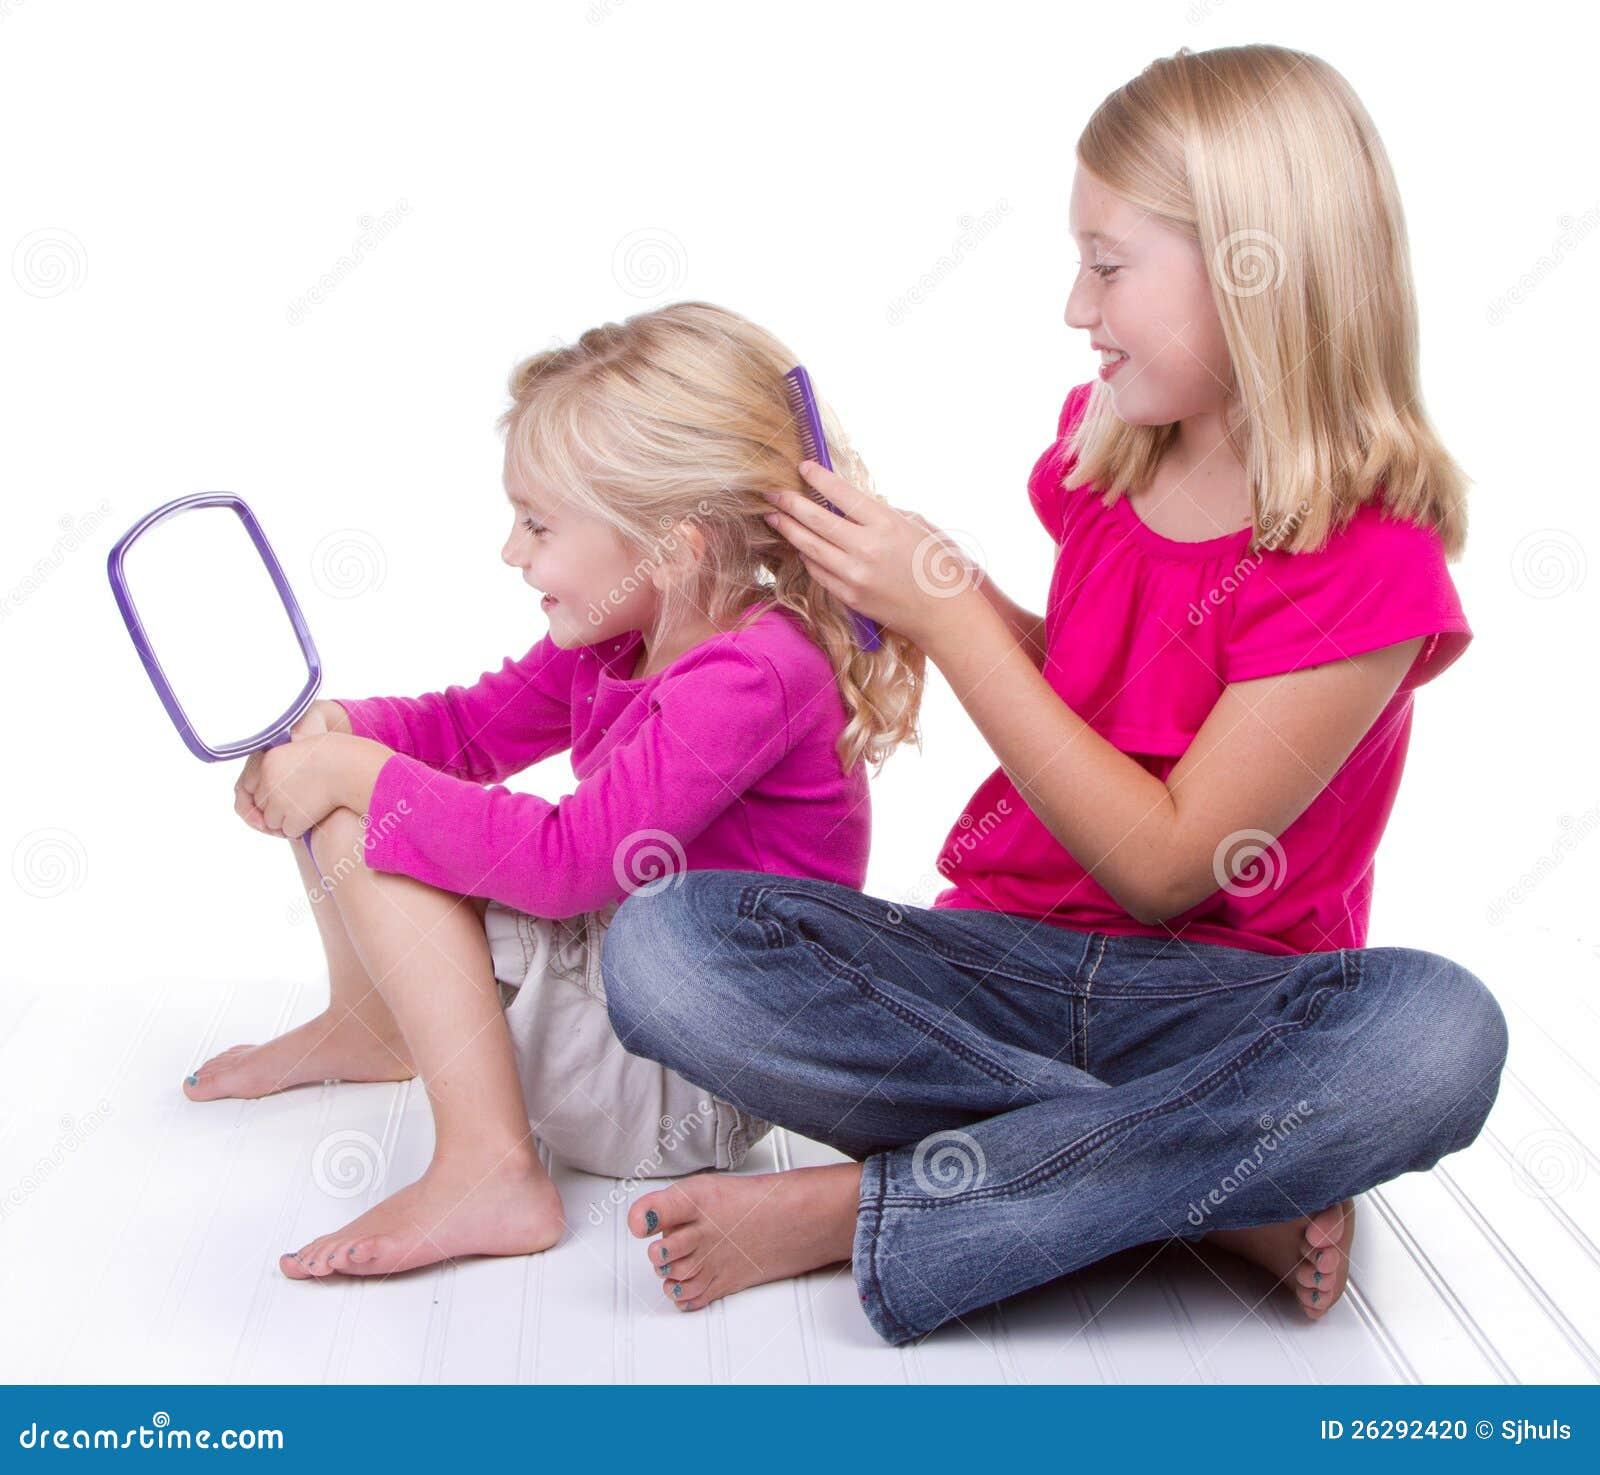 Статус про сестру про старшую сестру